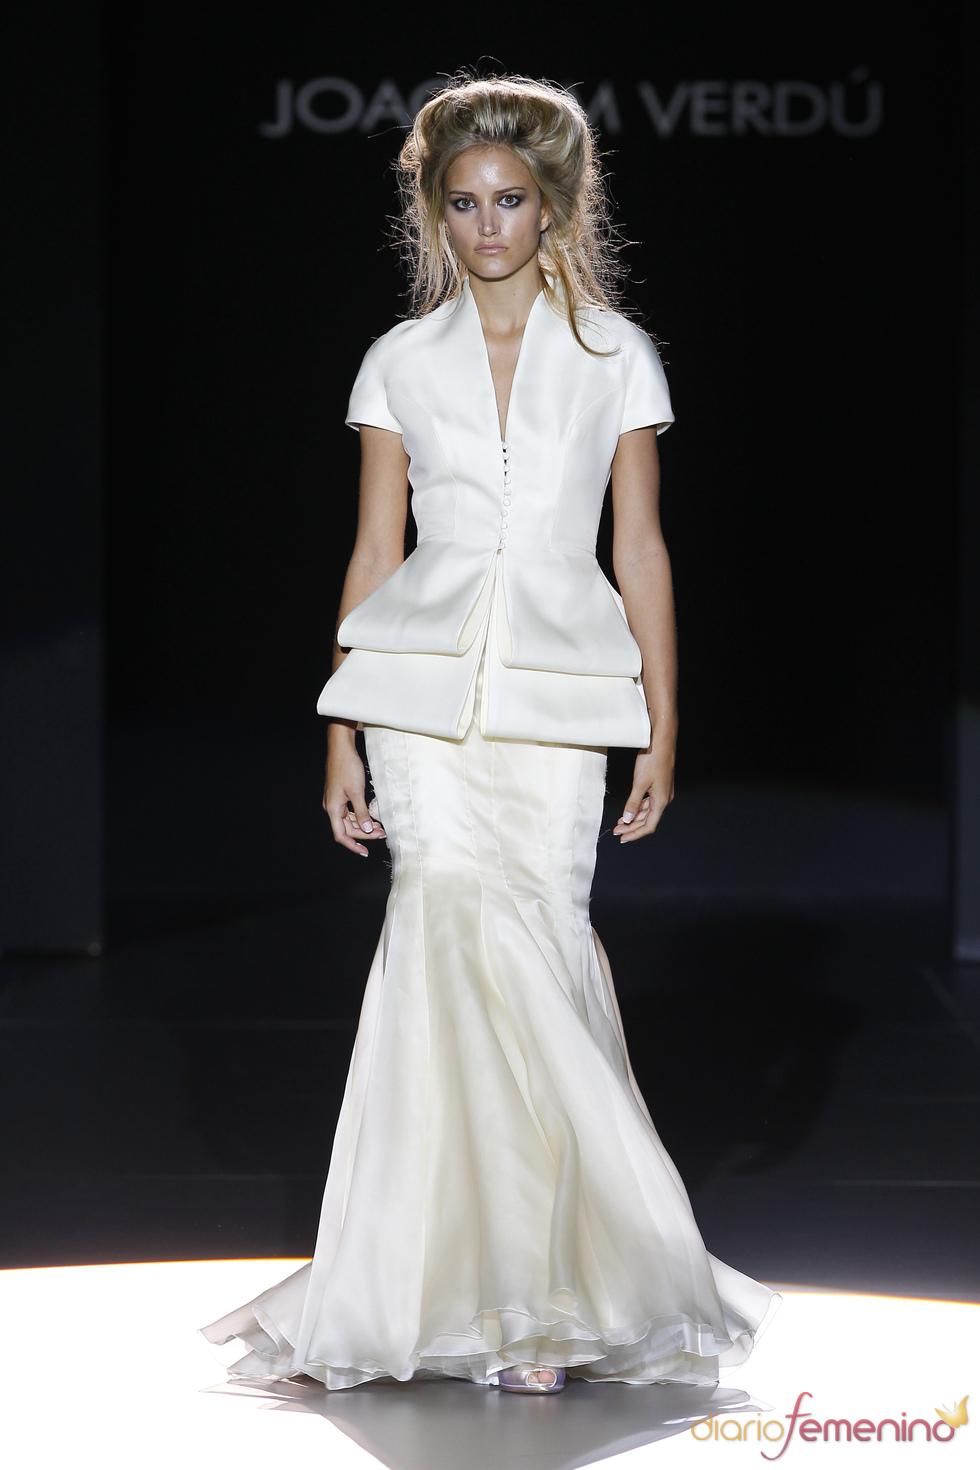 Moderno diseño para novia de Joaquim Verdú